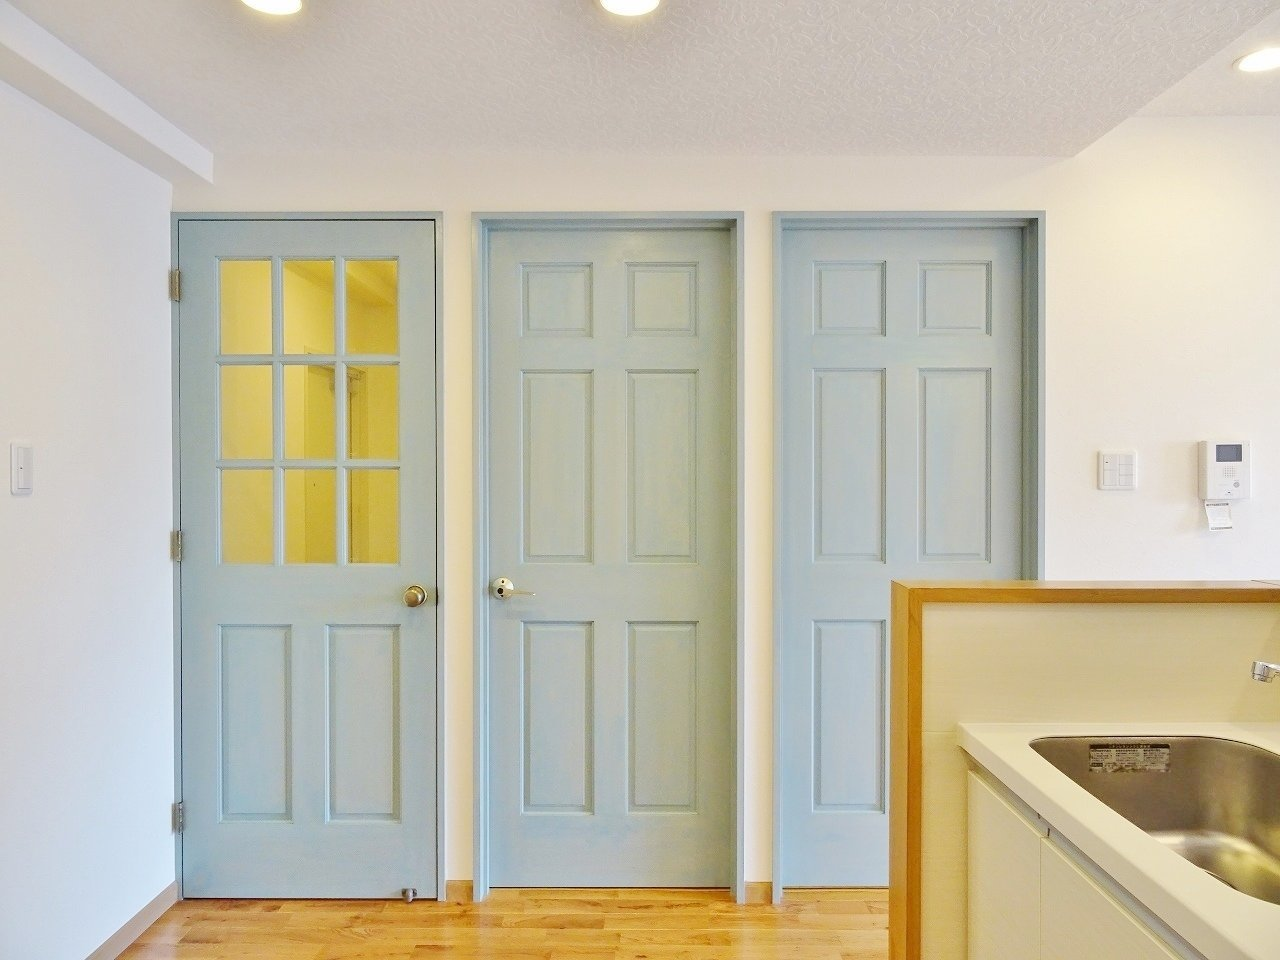 なんといっても気になるのがこの扉デザイン。水色が映えますね。ほかにも洗面台に丸い鏡が付いていたり、リビングのクロスもナチュラルなものだったり。おしゃれな部屋にこだわりたい方におすすめです。